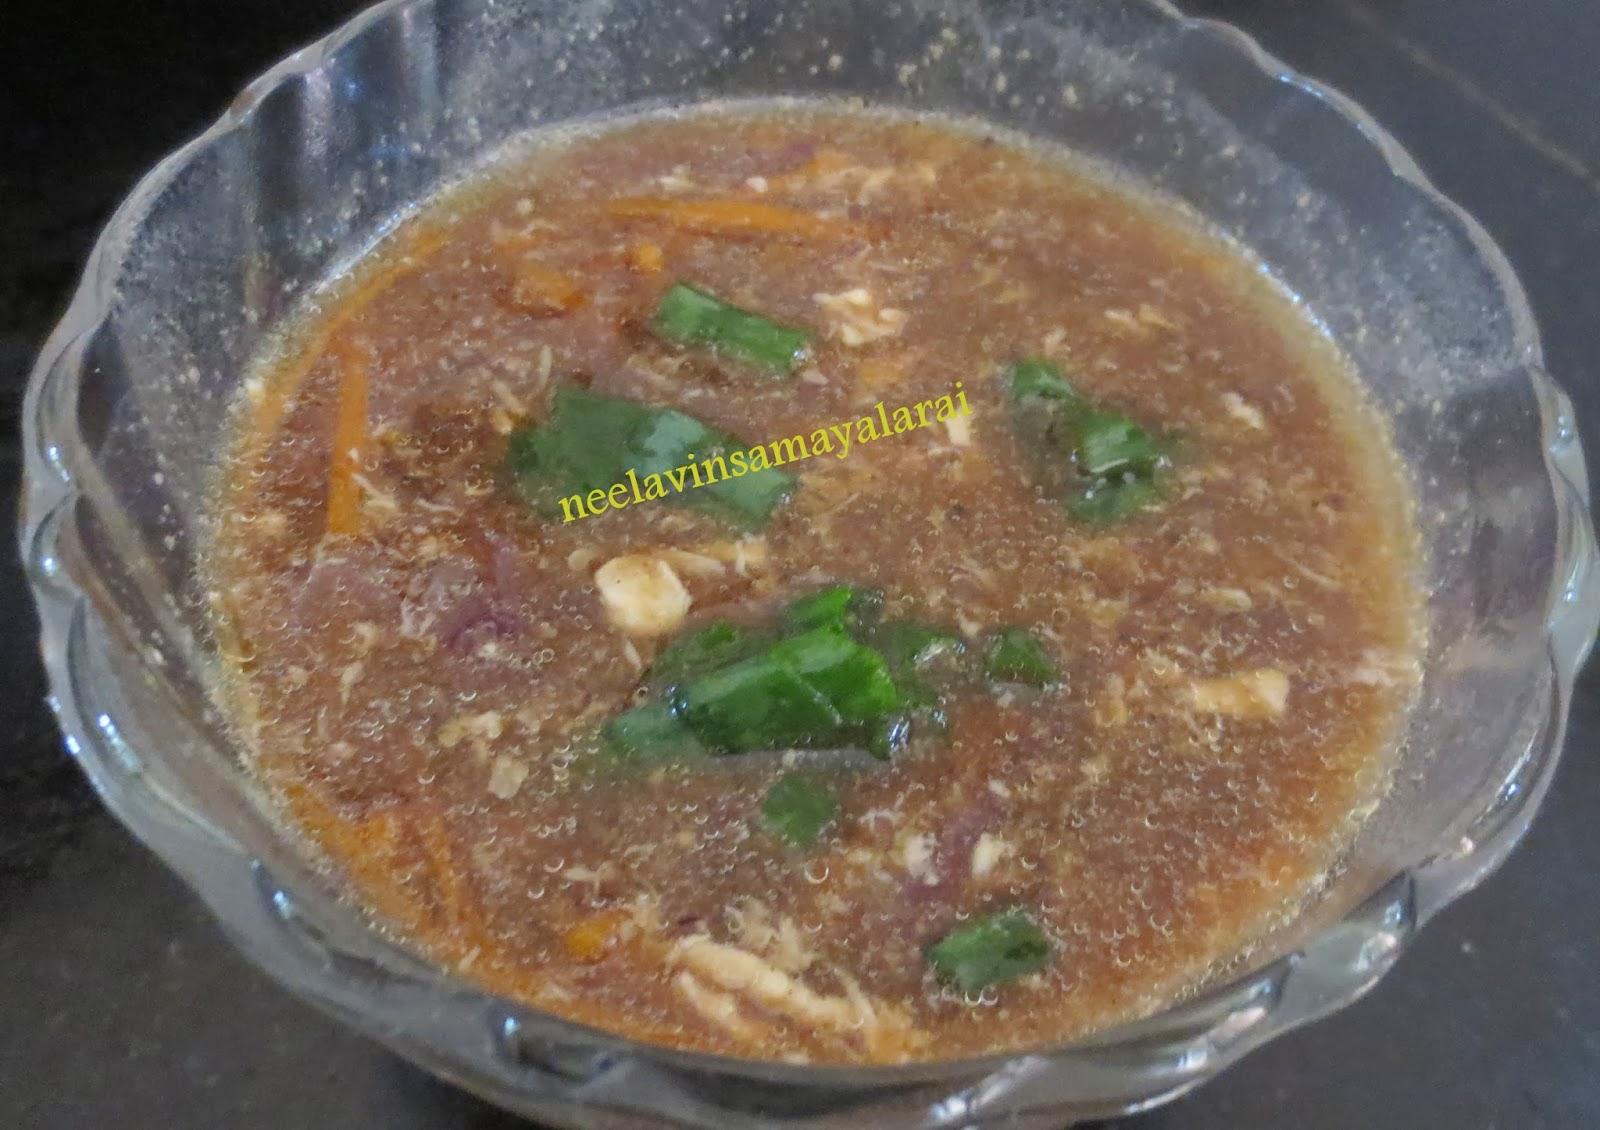 ஹாட் & சார் சிக்கன் சூப் (HOT AND SOUR CHICKEN SOUP tamil samayal